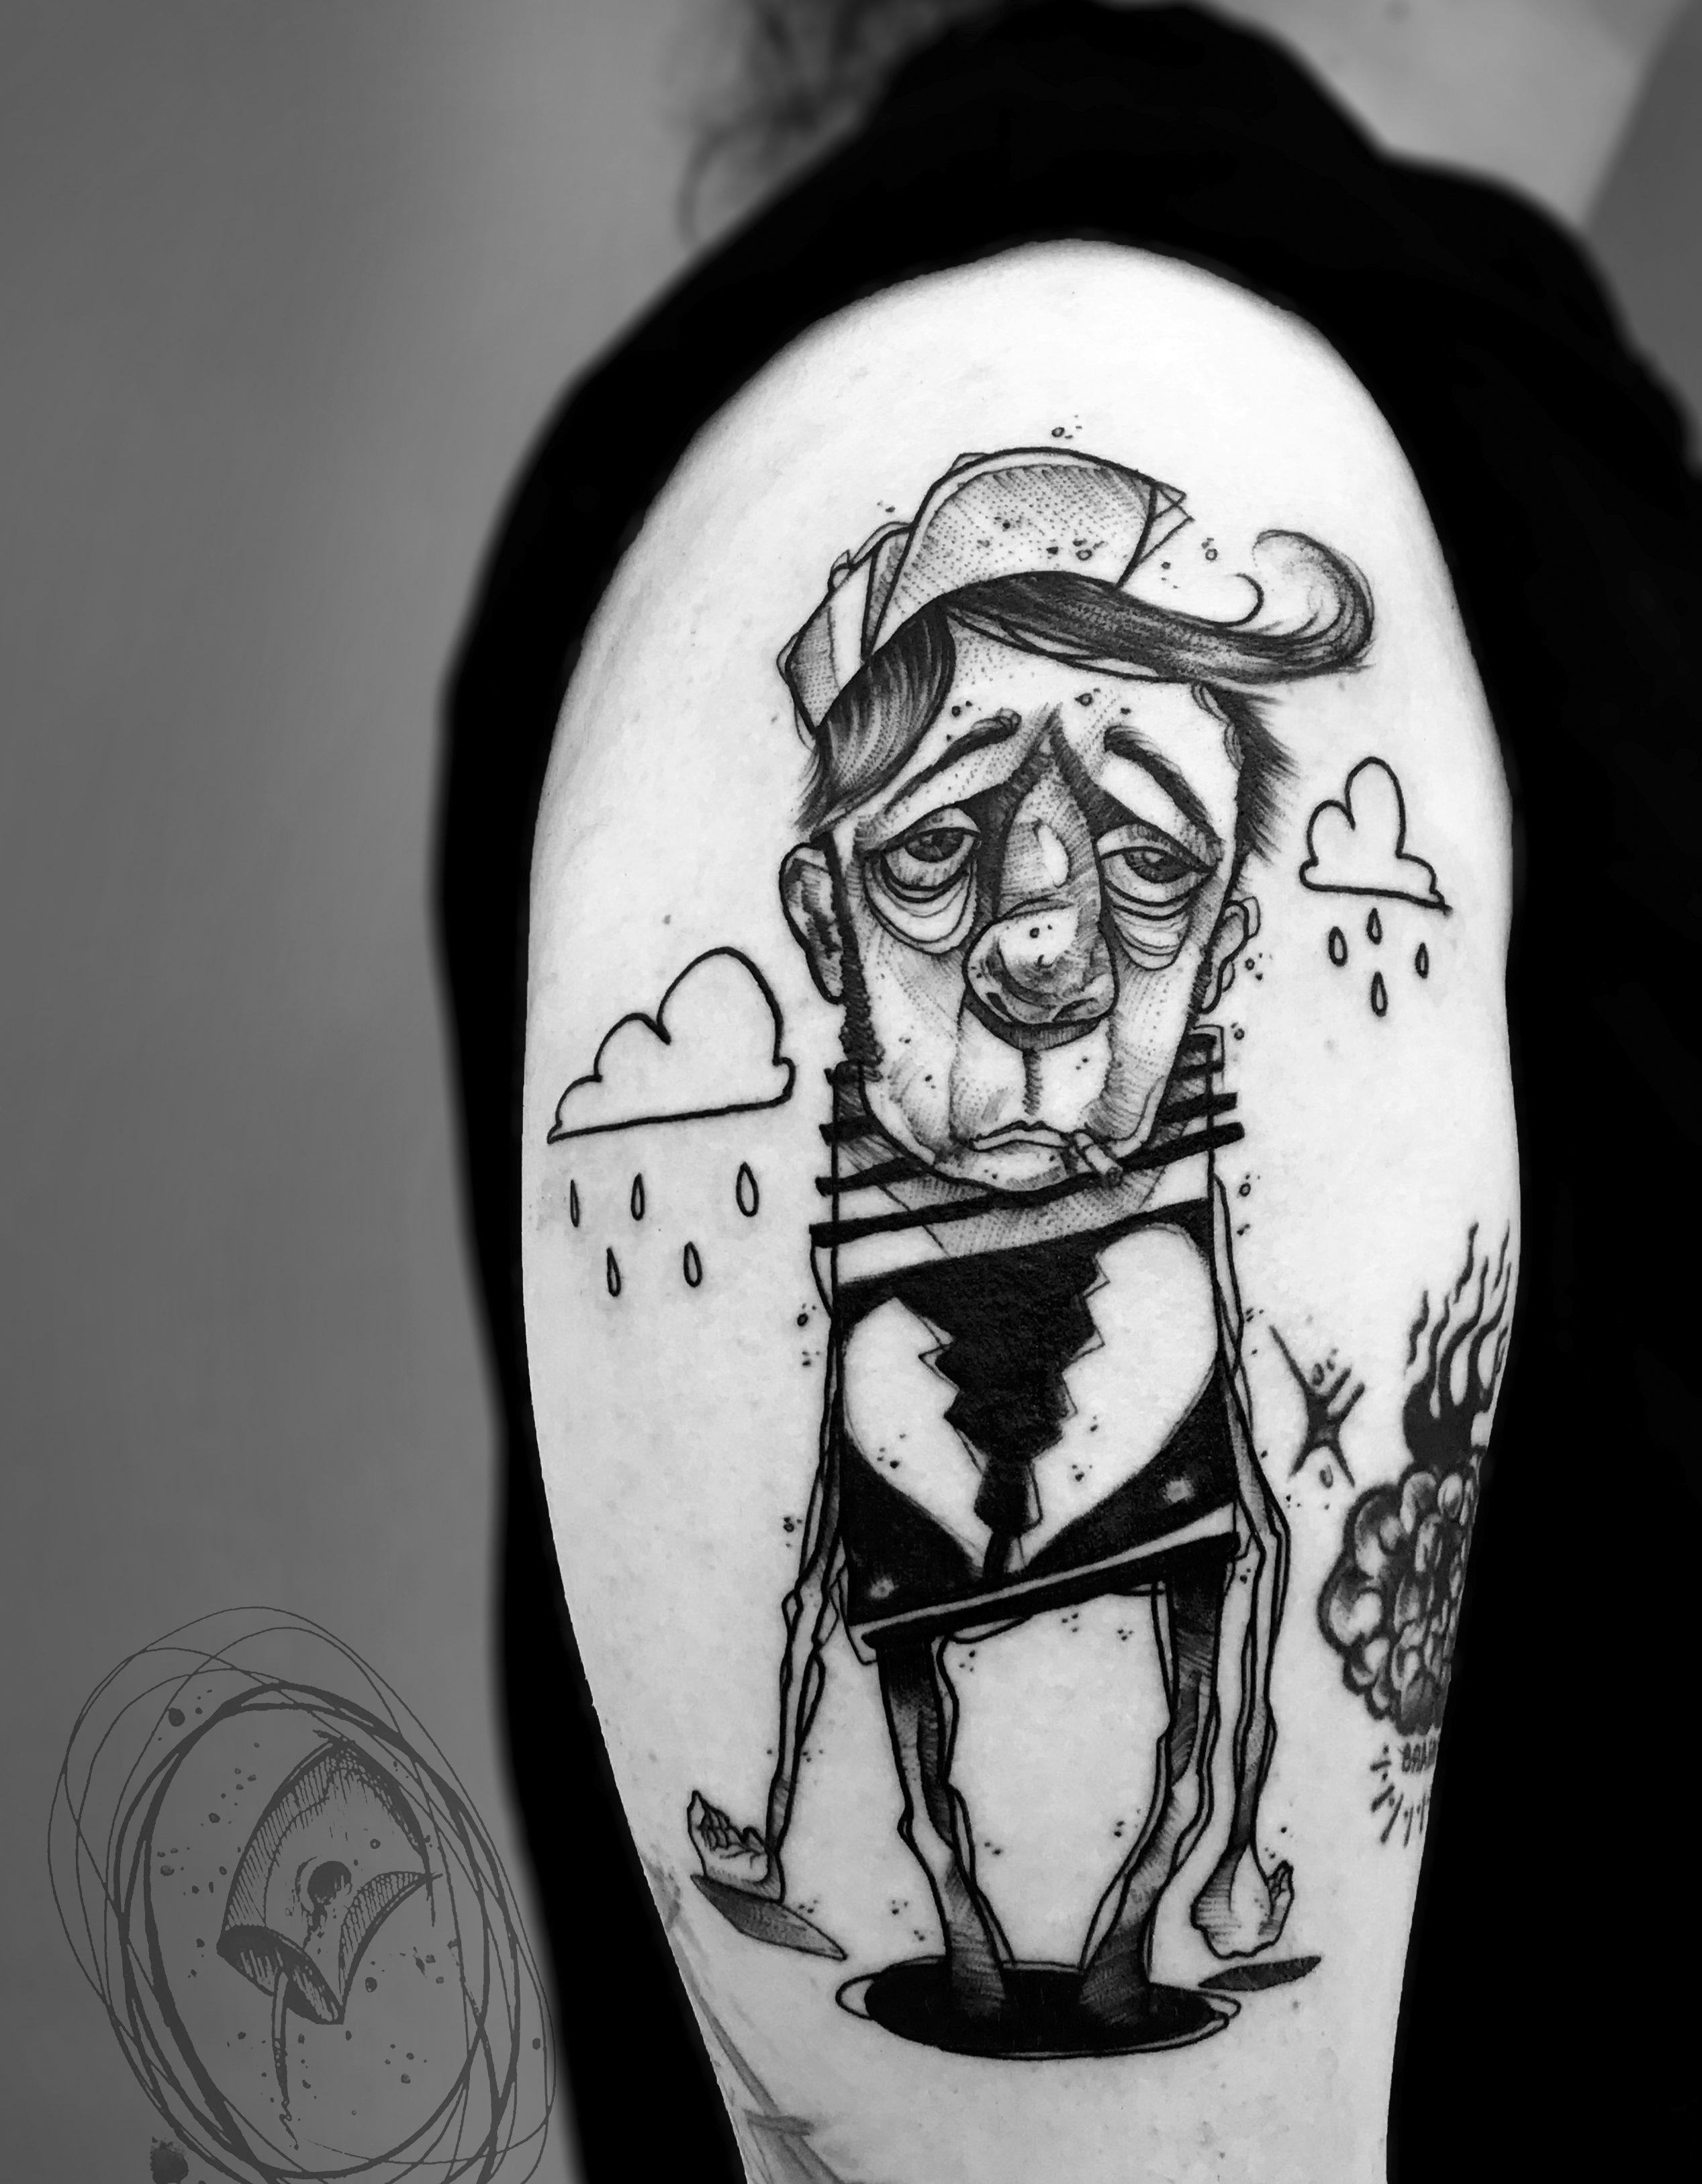 sad man, broken heart tattoo